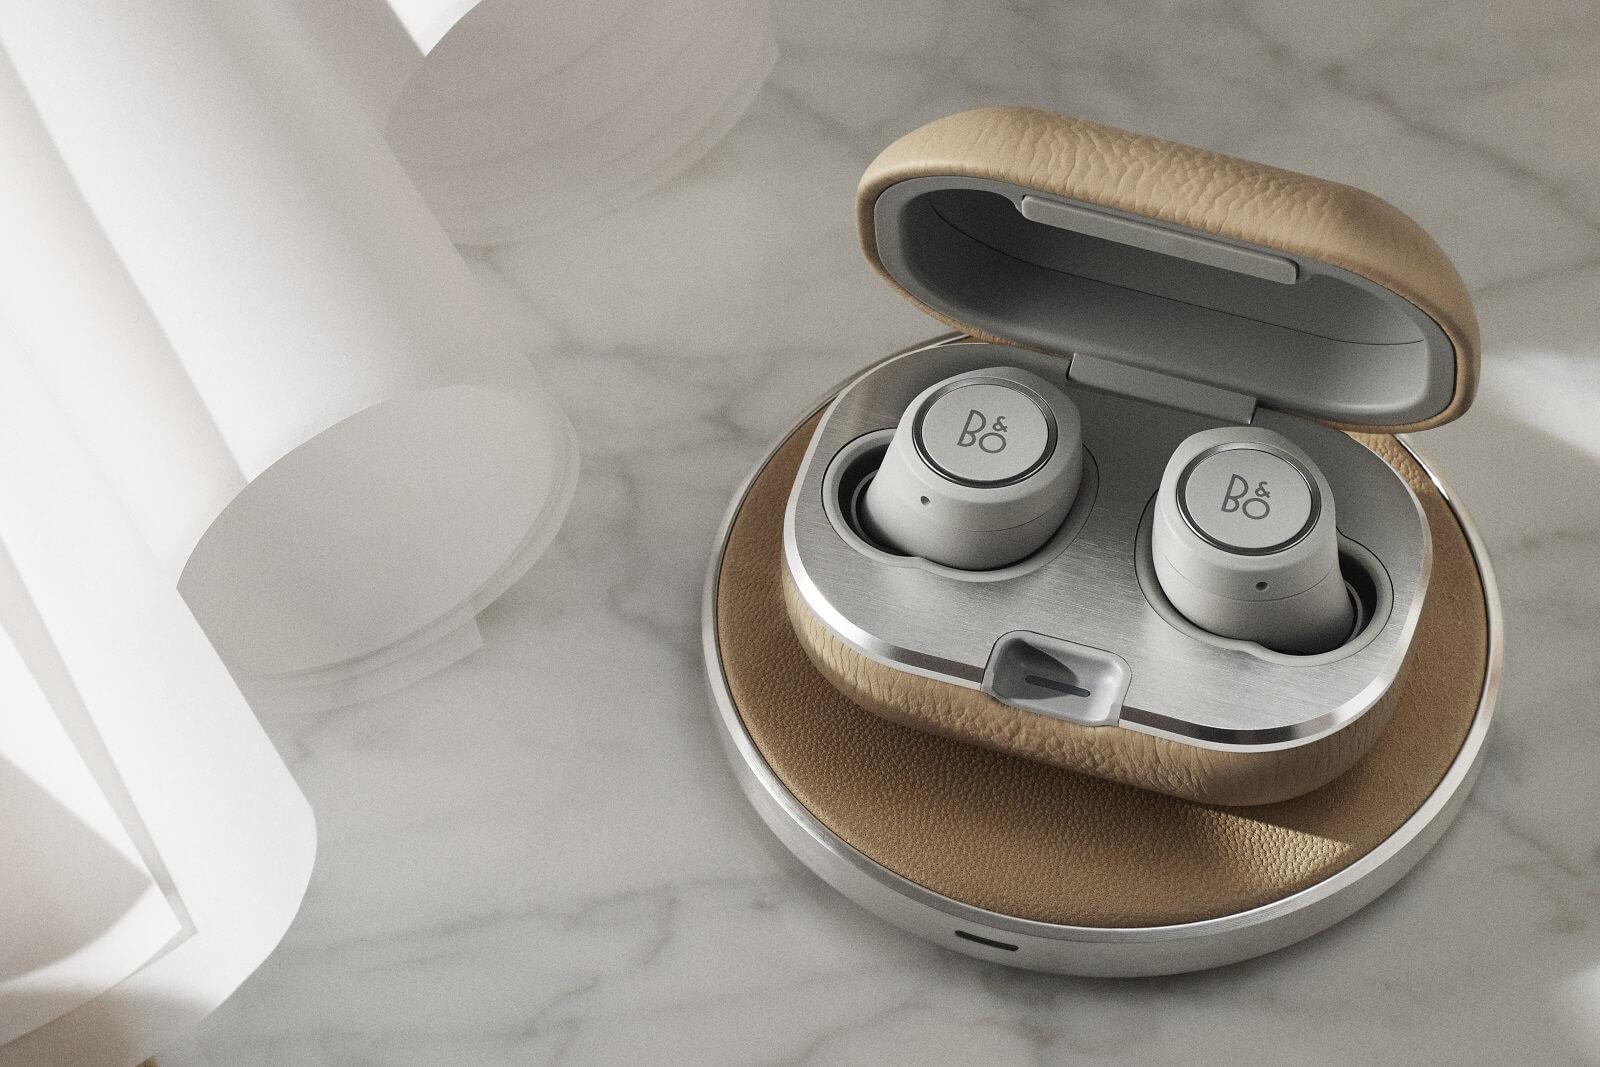 BeoPlay E8 2.0 - Kopfhörer mit innovativer Active Noise Cancellation und kabelloser Ladeschale.